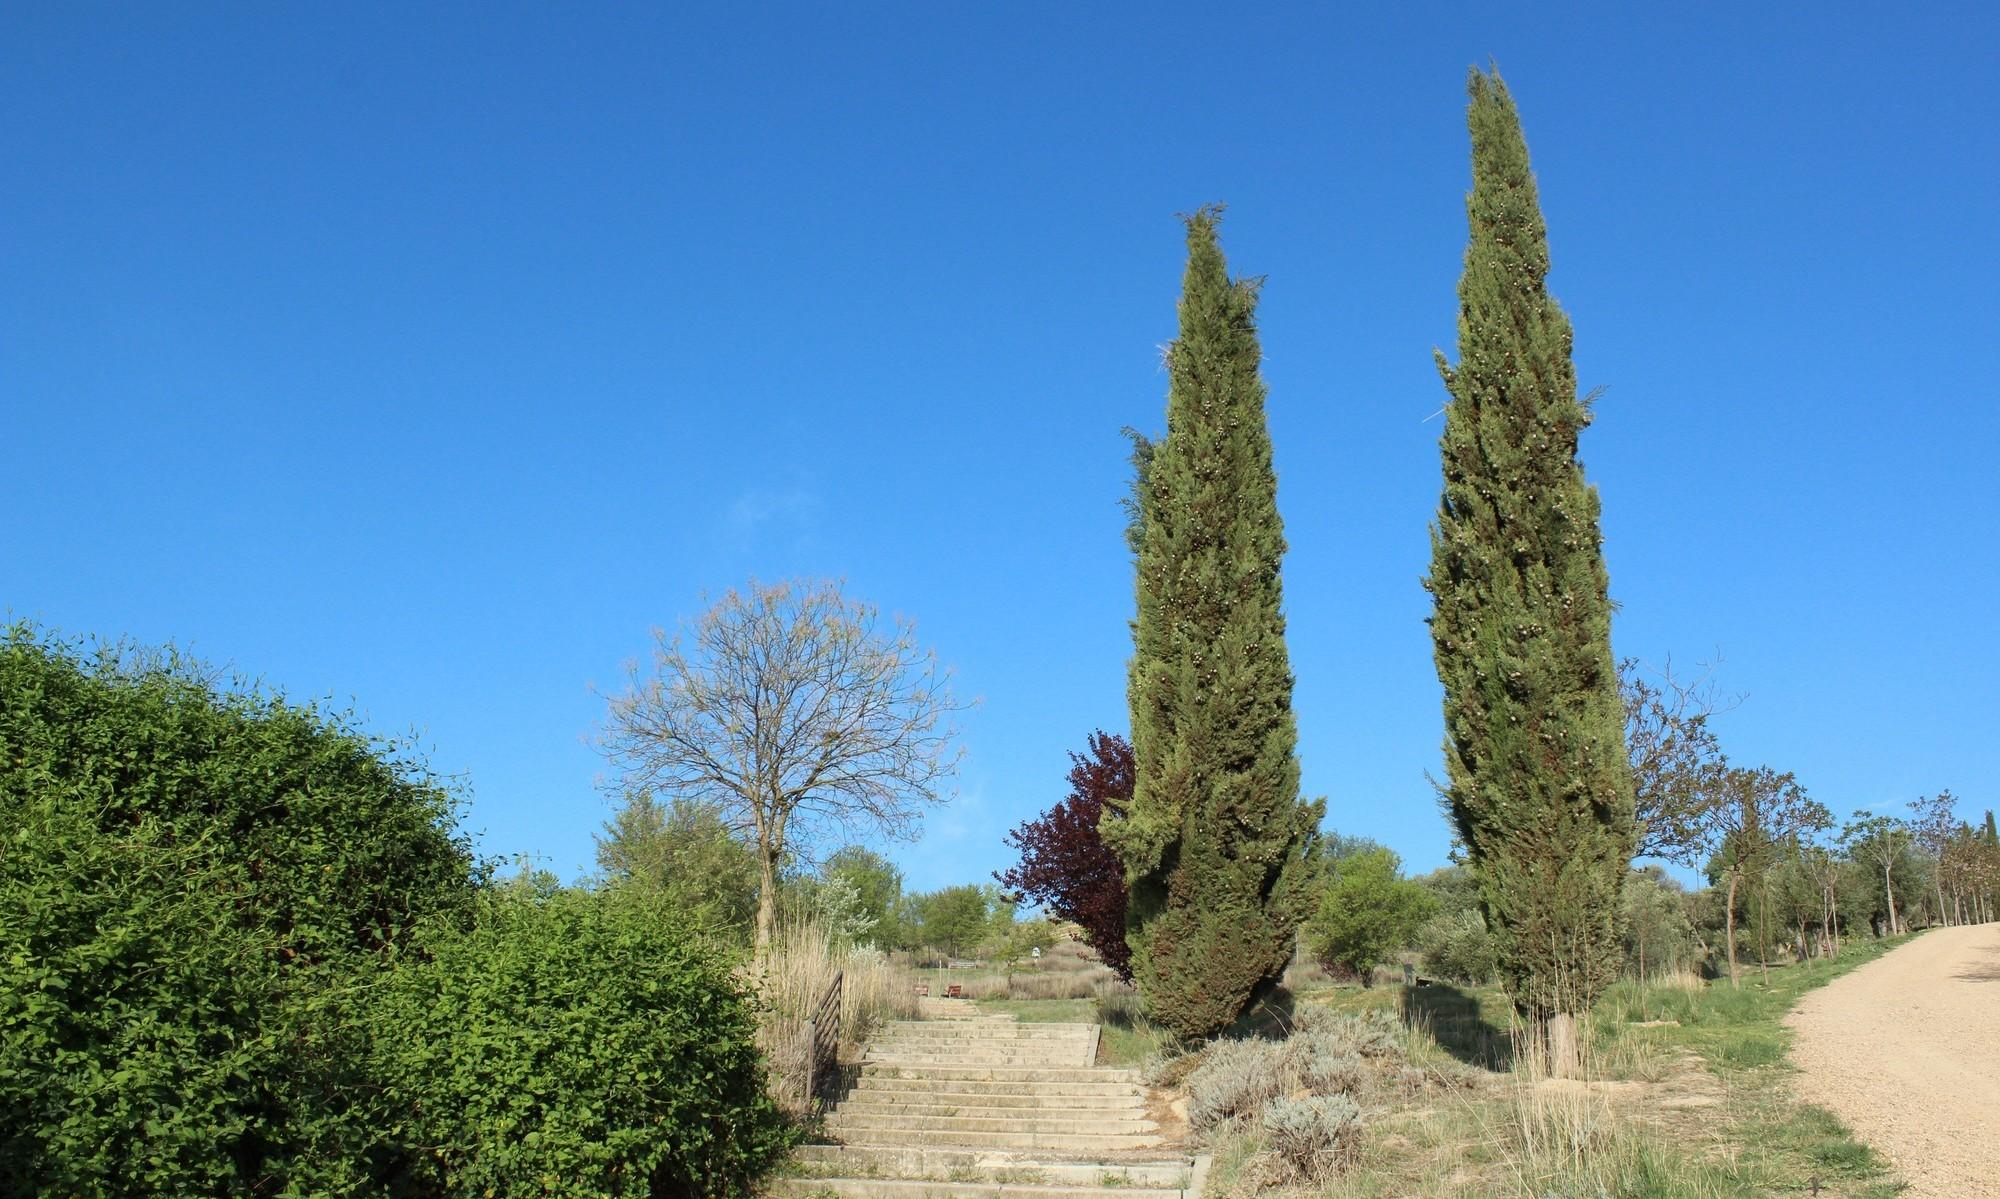 árboles: ciprés